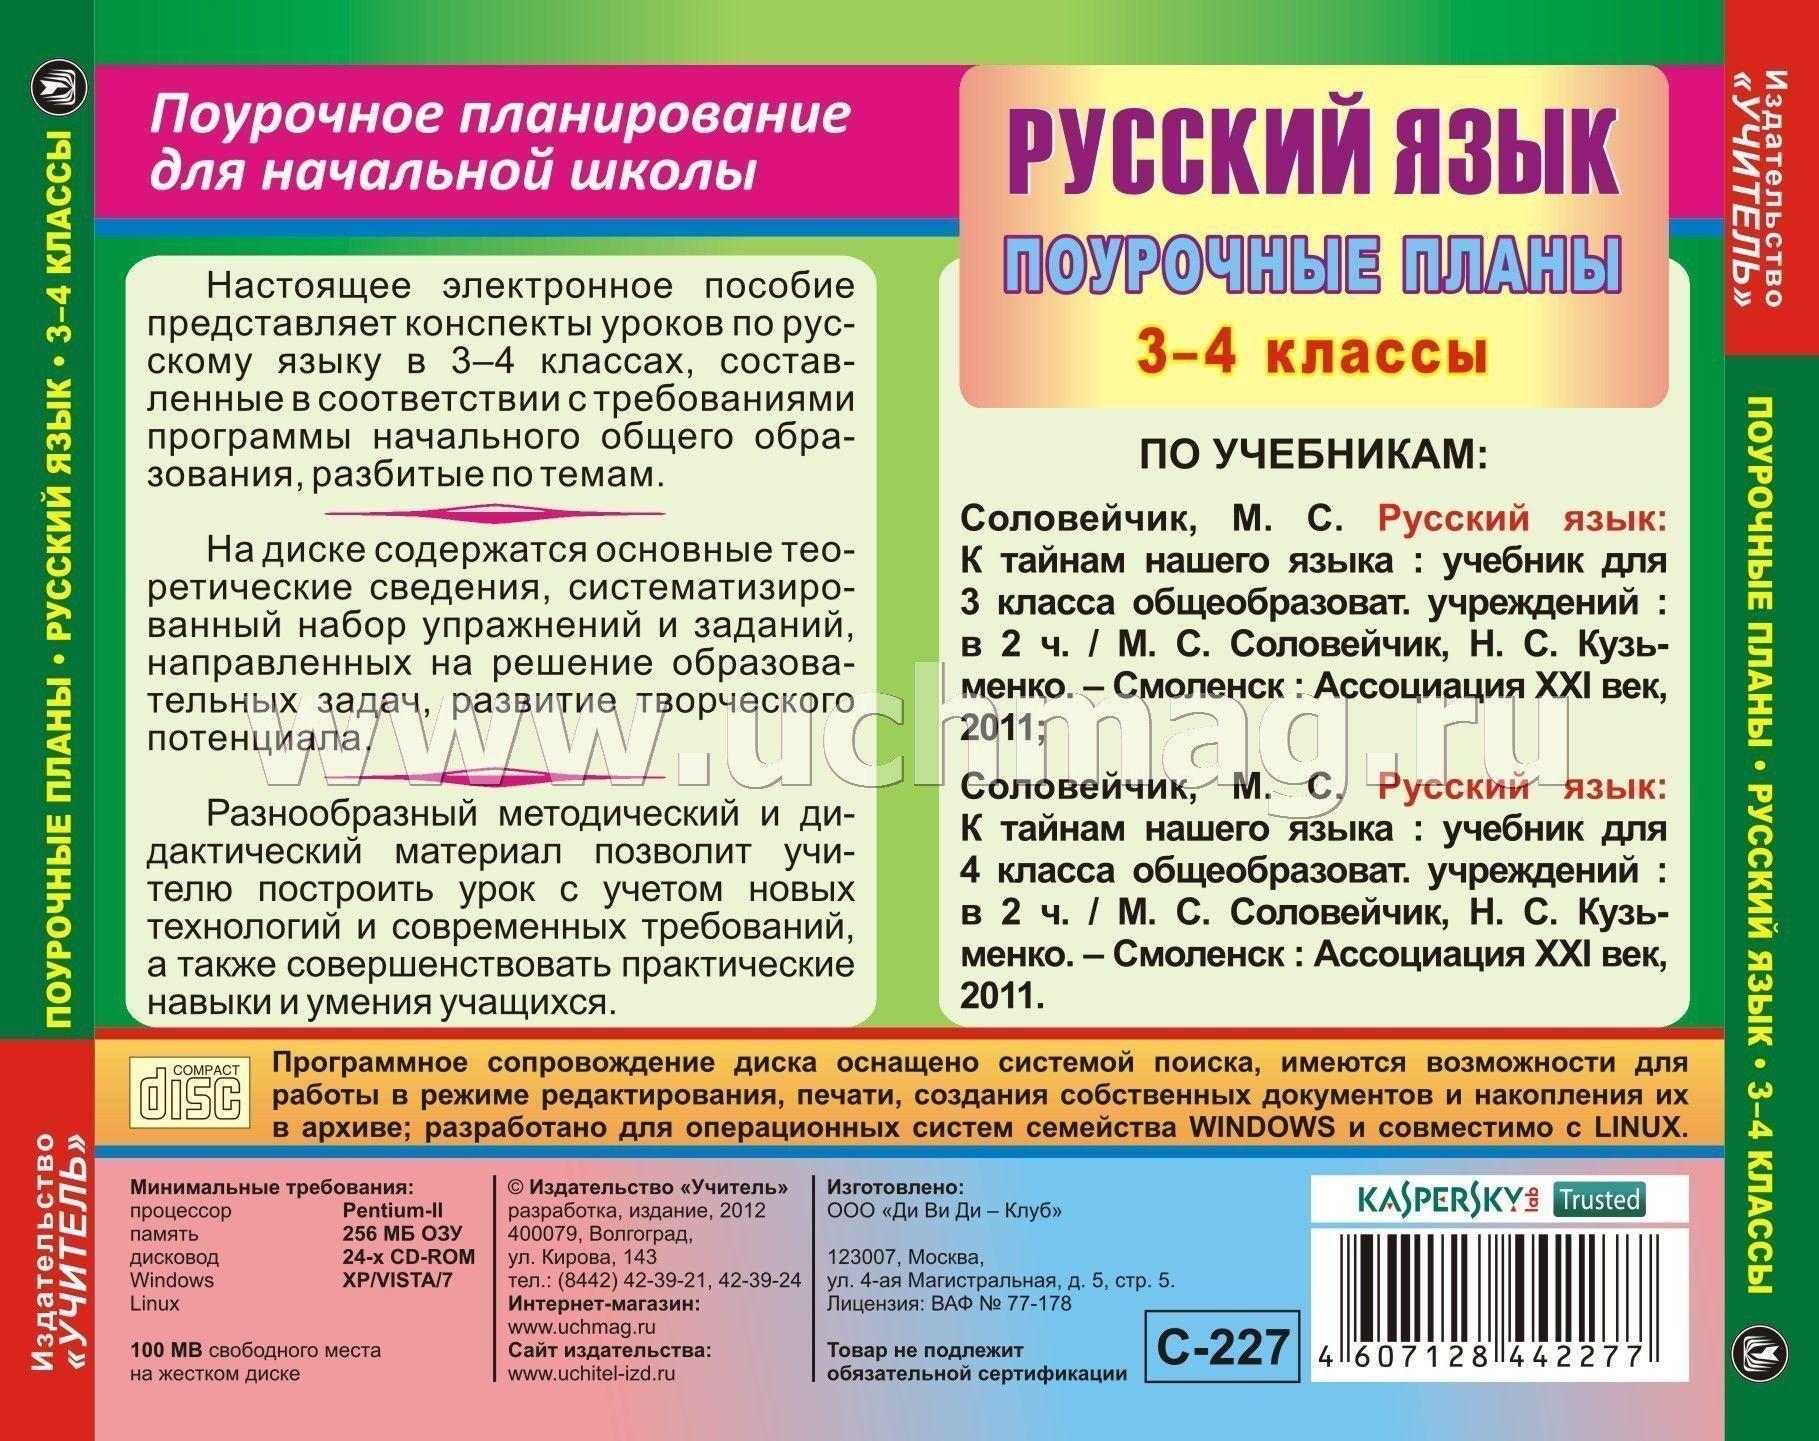 Программа 2100 3-4 класс русский язык